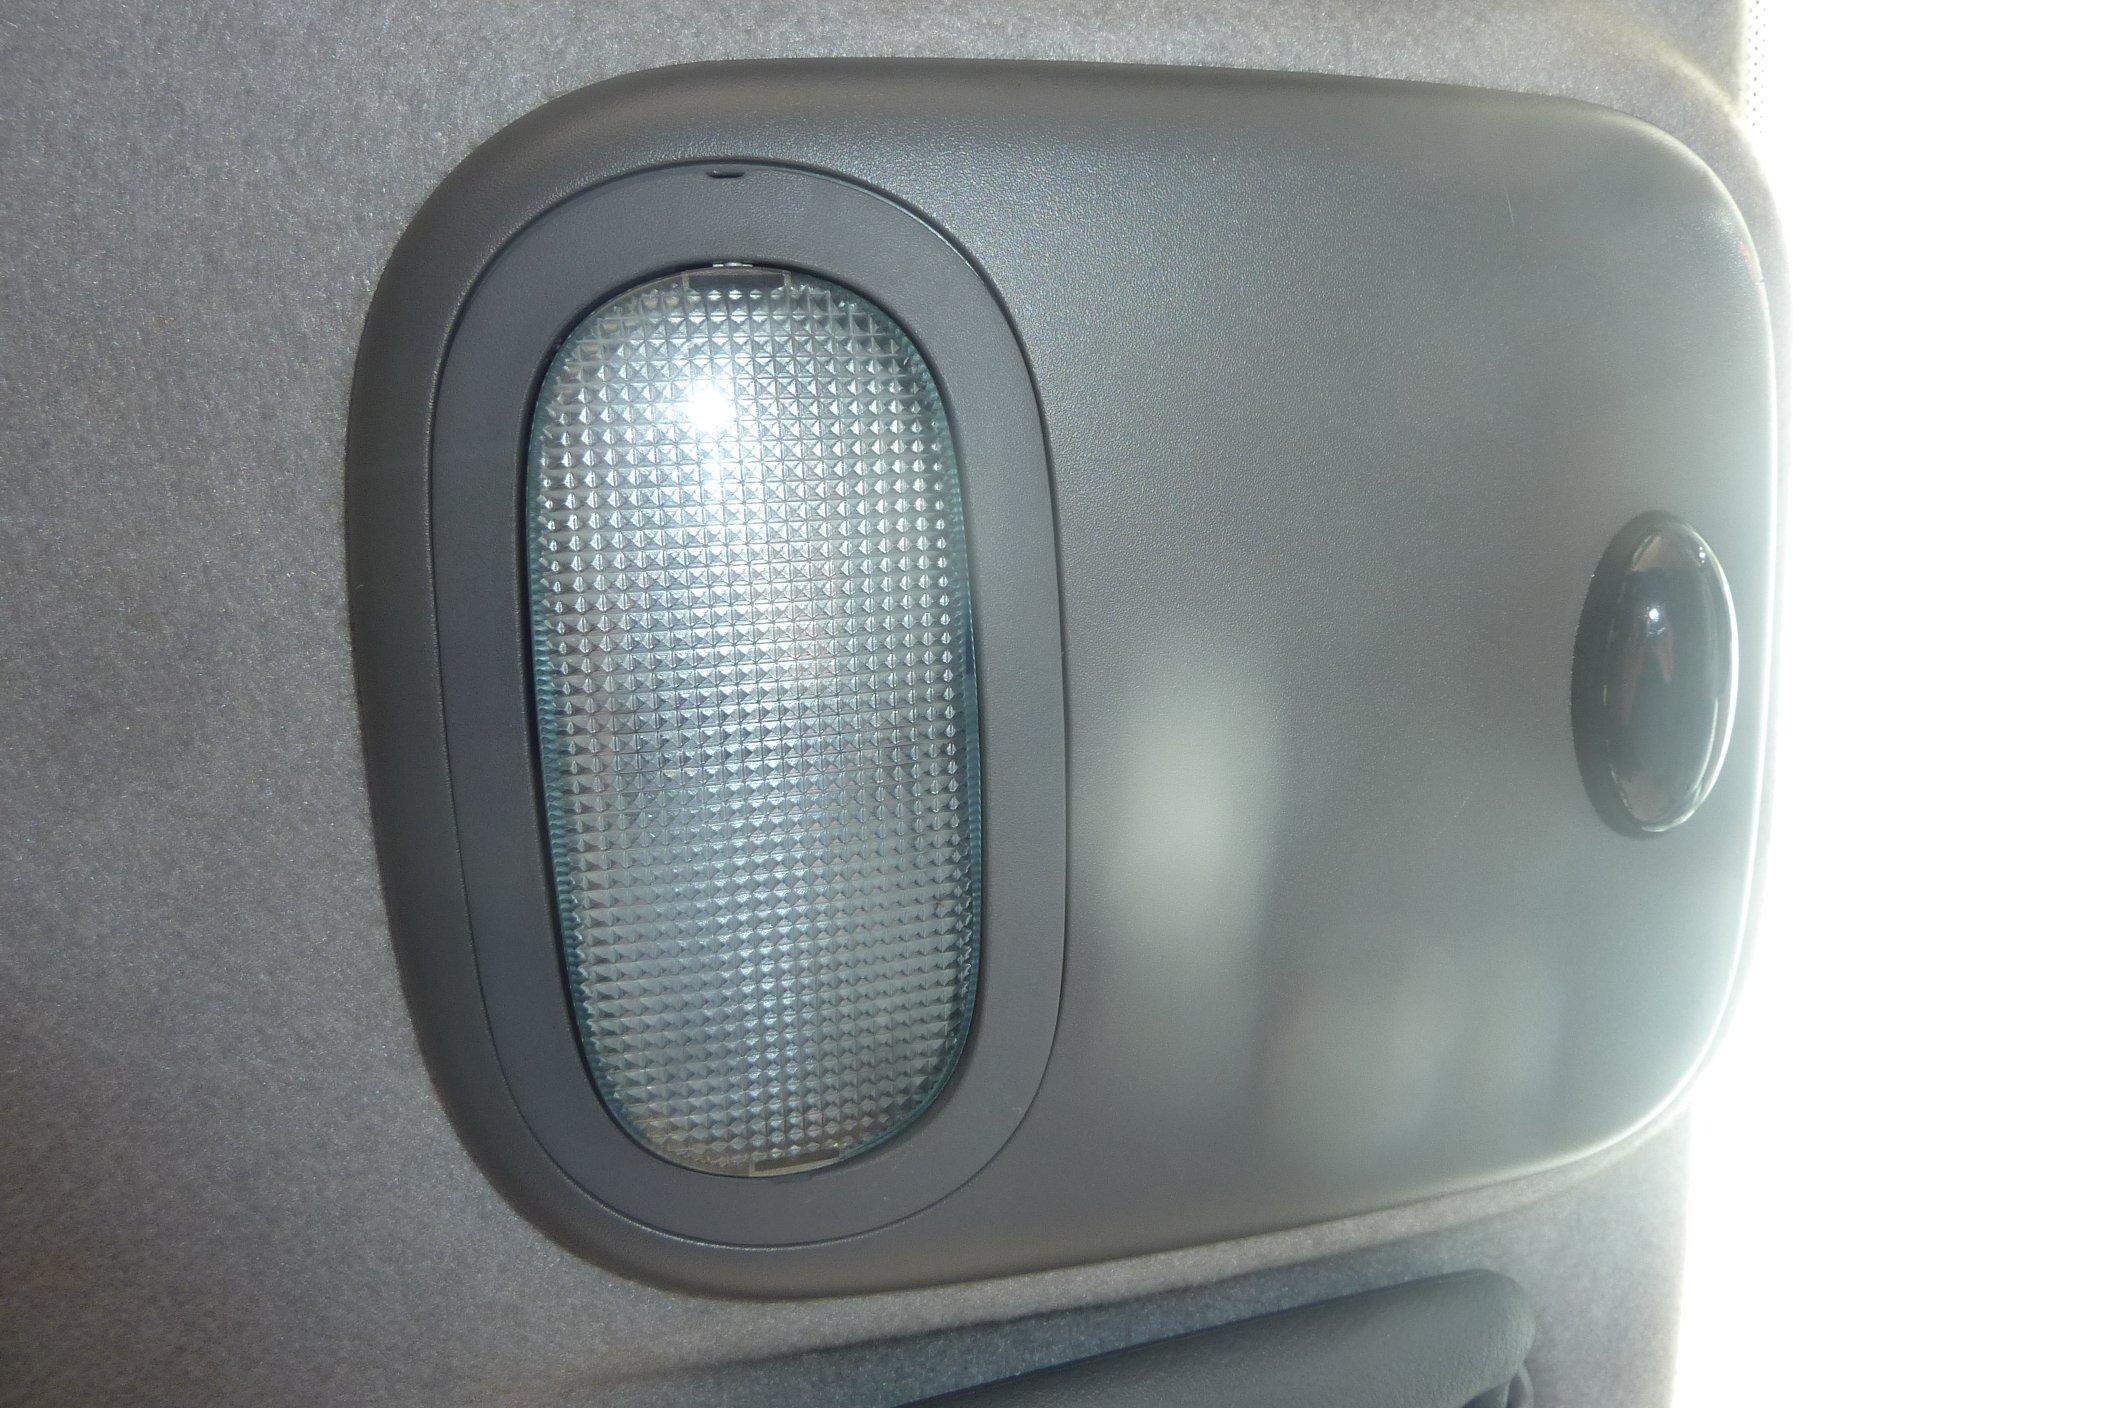 Clio Ii 98 01 Lampka Oświetlenie Kabiny Fvat 6975669400